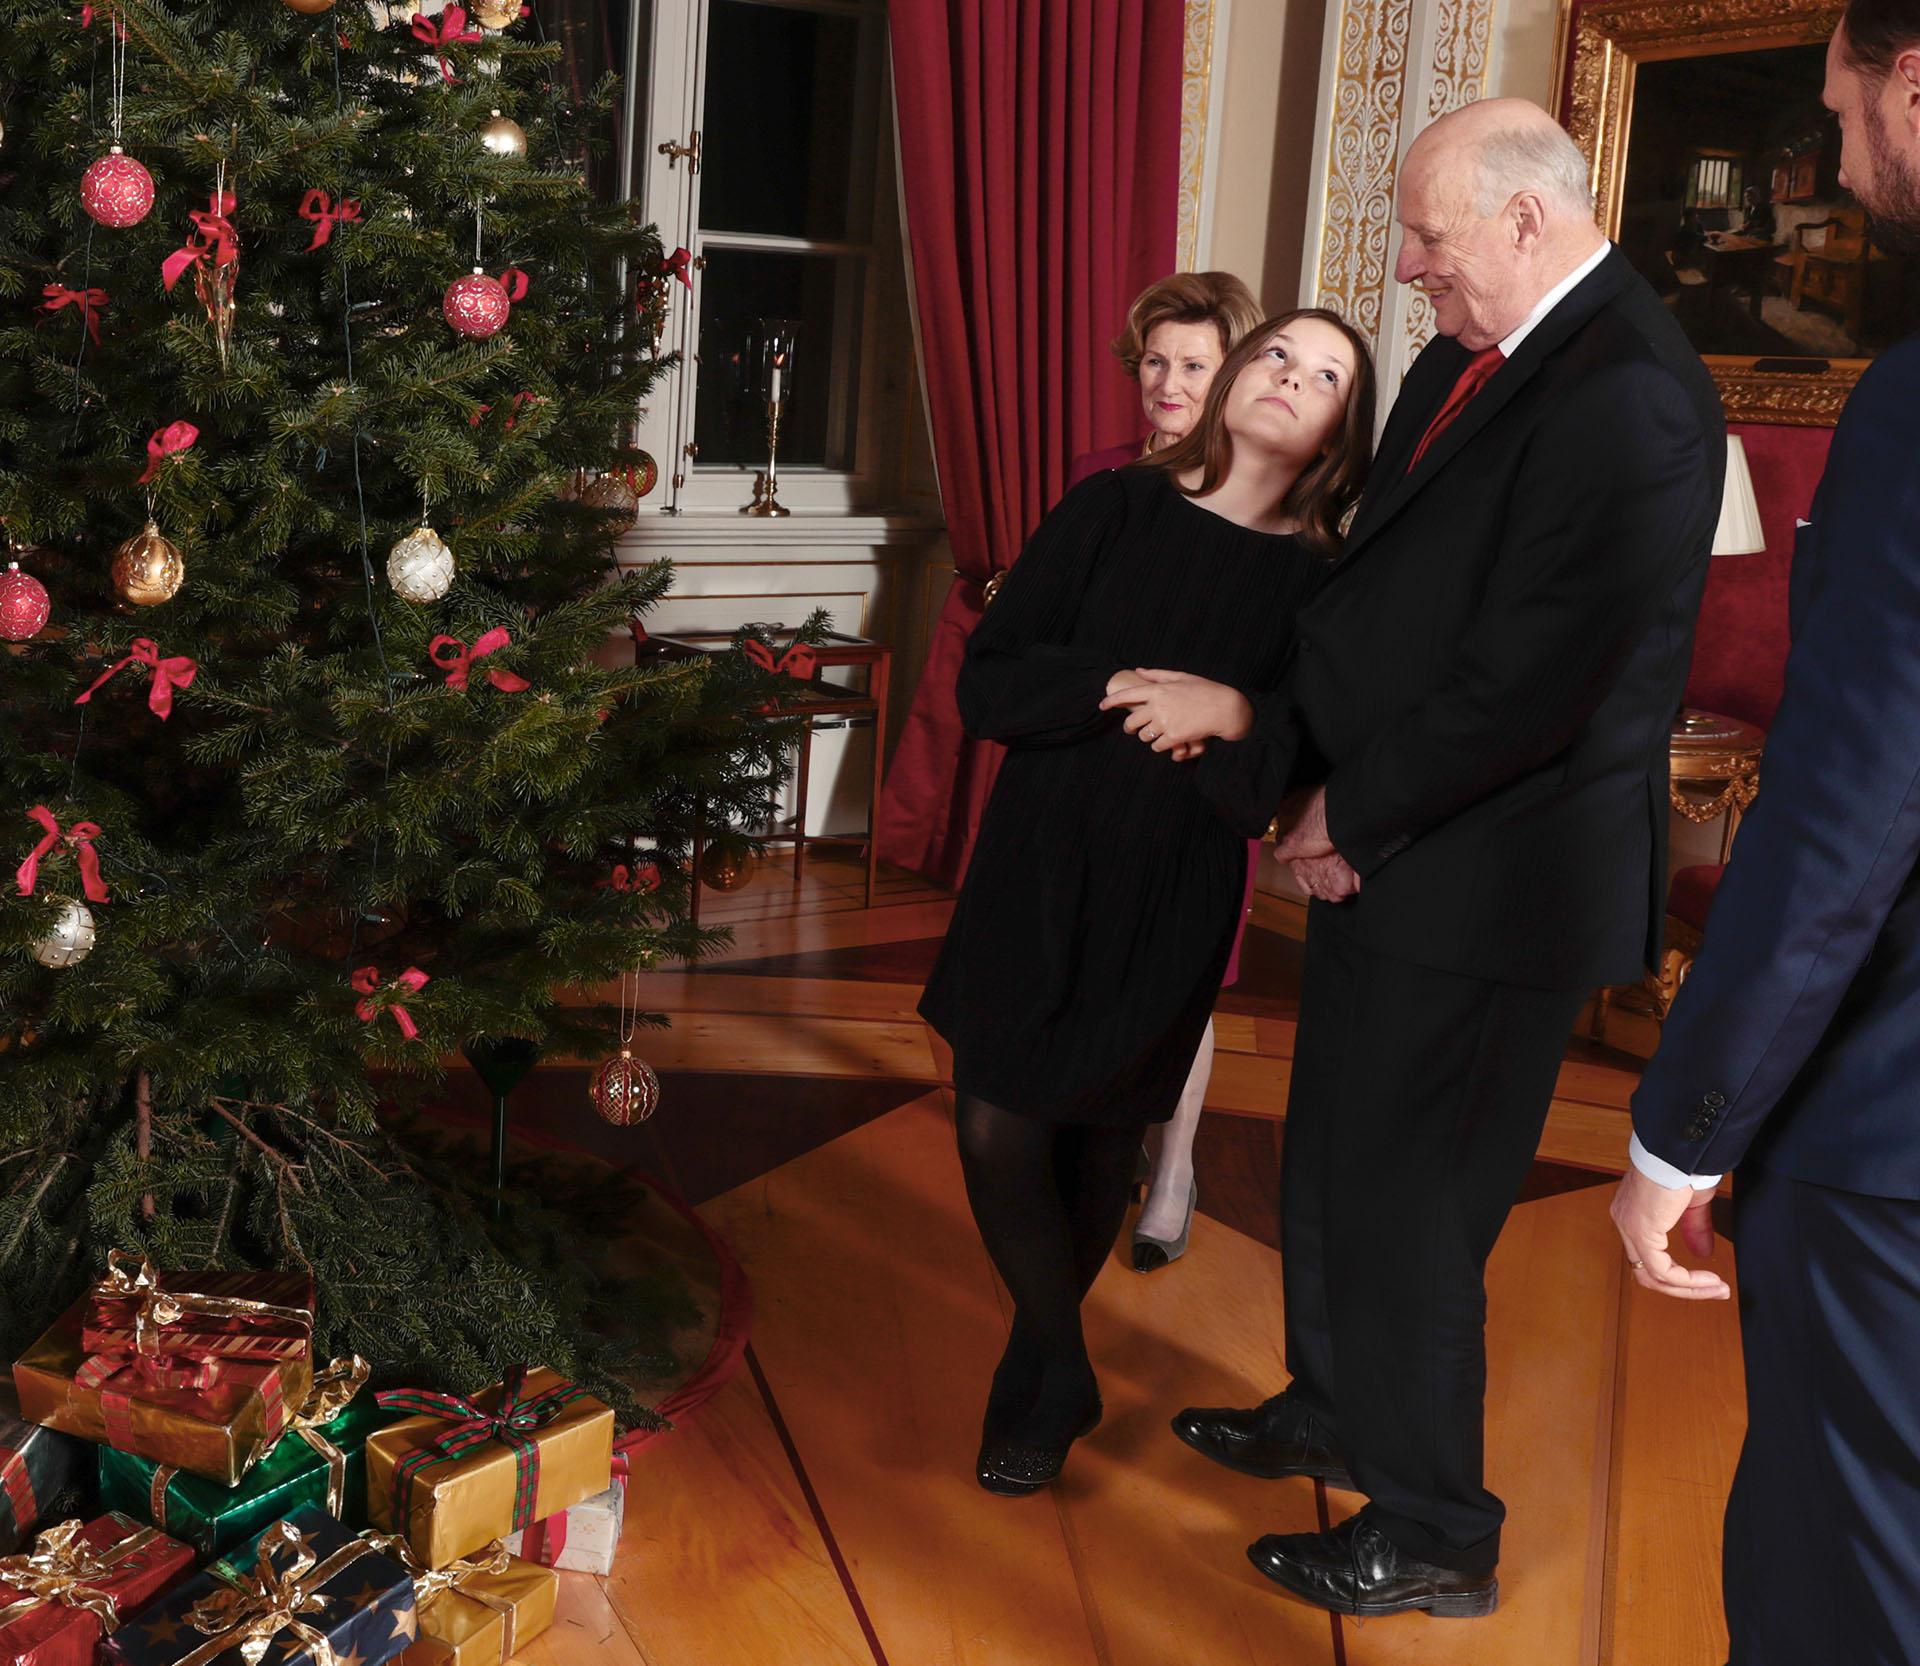 La familia real de Noruega es muy querida en su país, ya que mantiene un gran compromiso social y humanitario con quienes lo necesitan /// Fotos: AFP